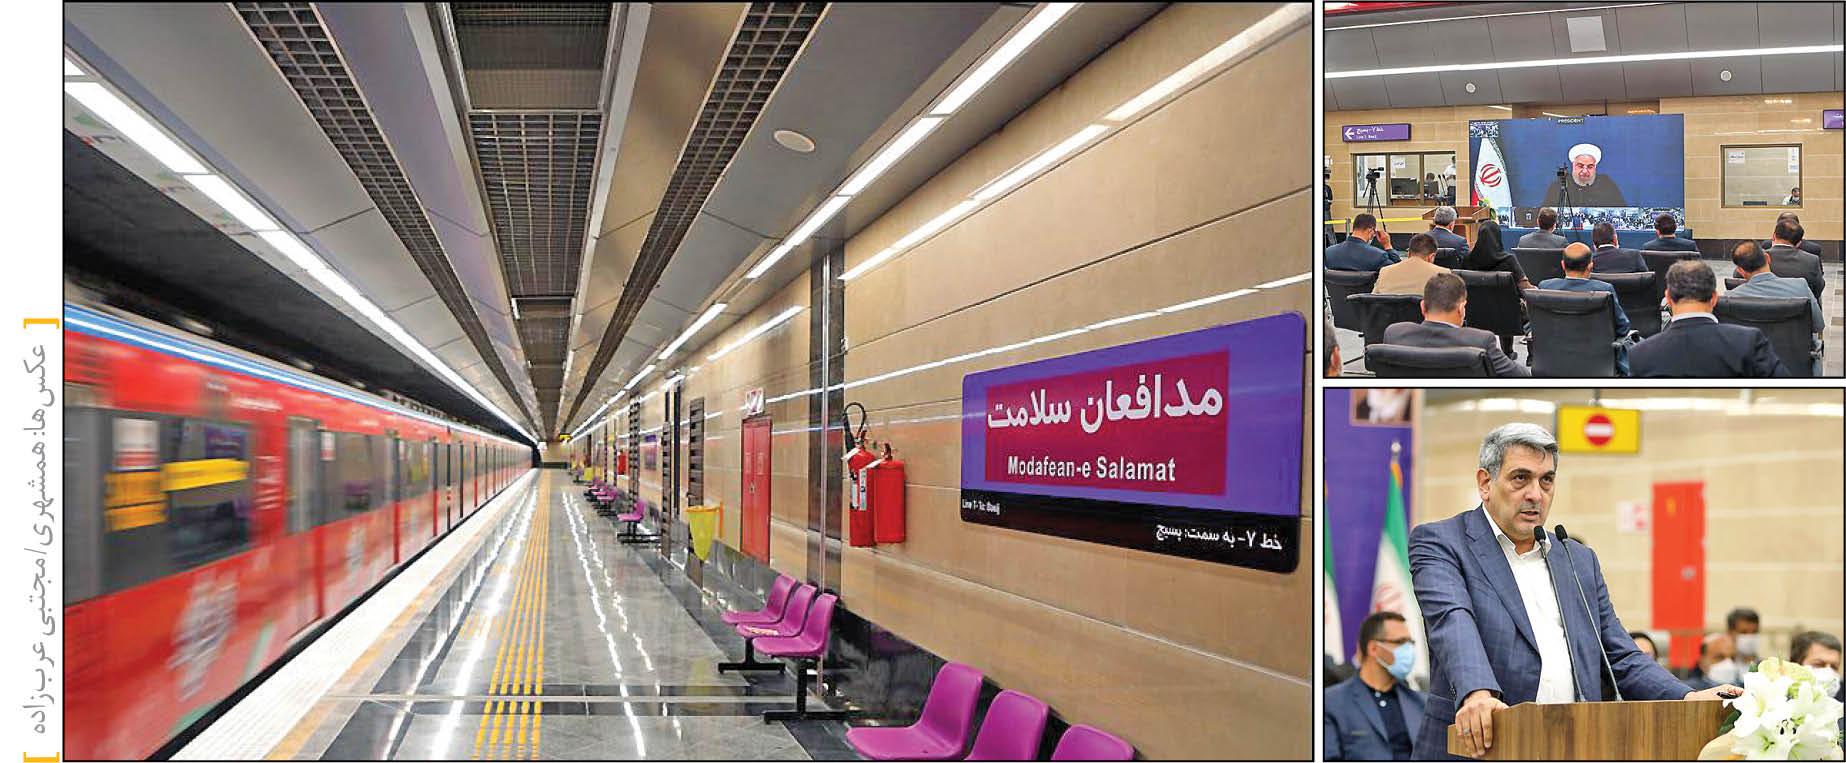 مترو به ایستگاه «مدافعان سلامت» رسید